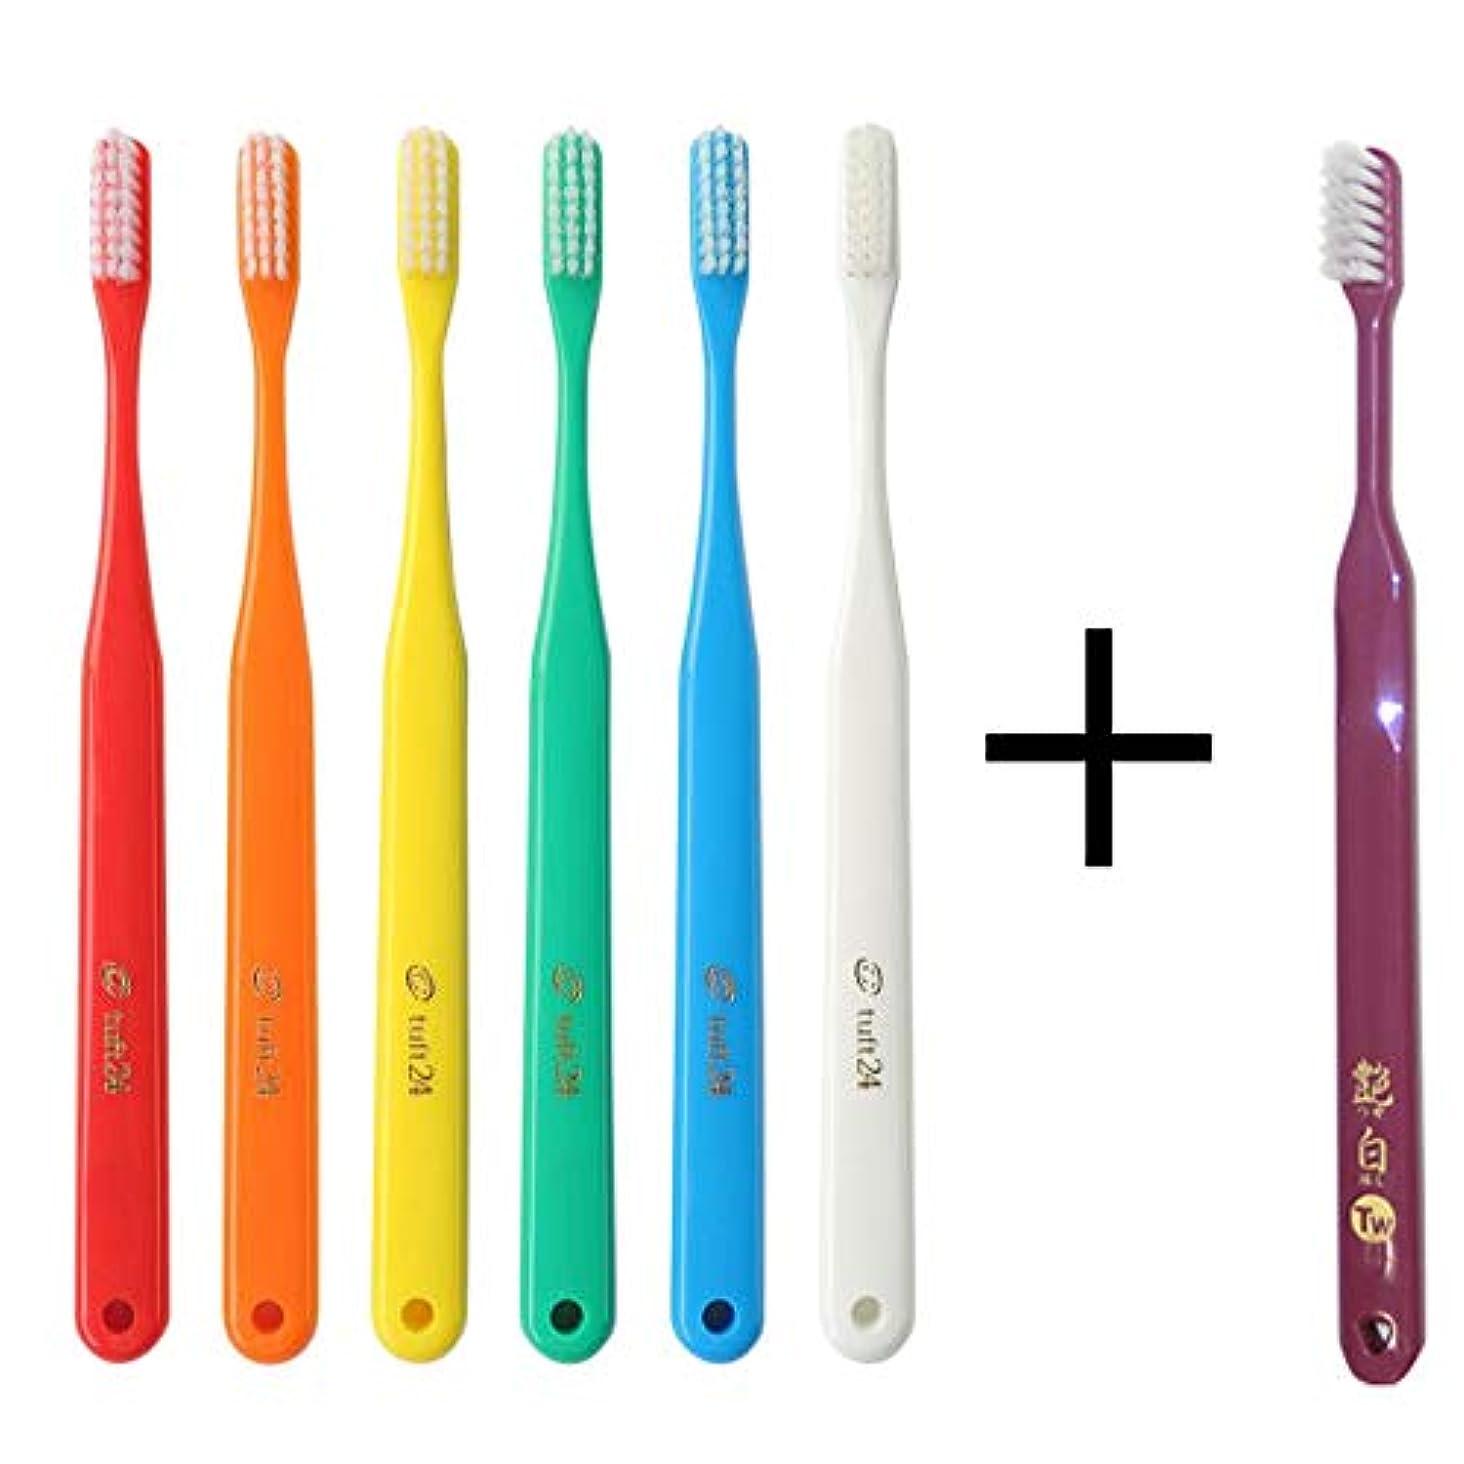 付与プラスチック社交的キャップなし タフト24 歯ブラシ × 25本入 S (アソート) + 艶白 歯ブラシ (日本製) ×1本 MS(やややわらかめ) 大人用歯ブラシ 歯科医院取扱品